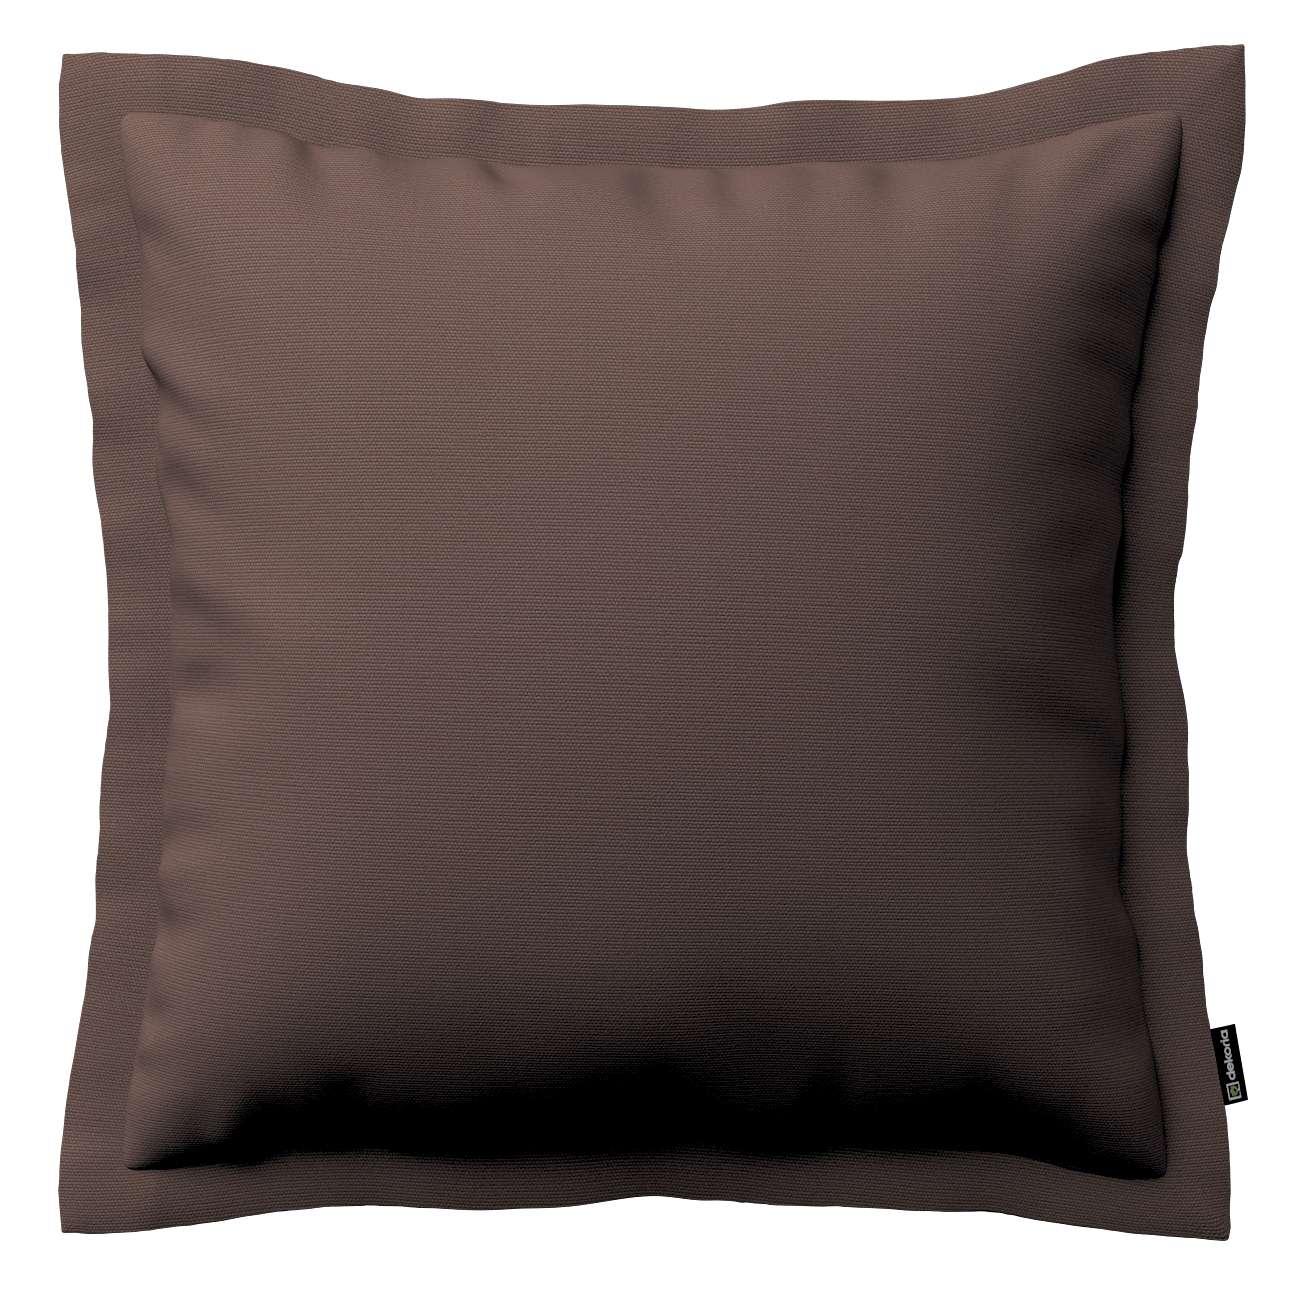 Mona dekoratyvinių pagalvėlių užvalkalas su sienele 45 x 45cm kolekcijoje Cotton Panama, audinys: 702-03